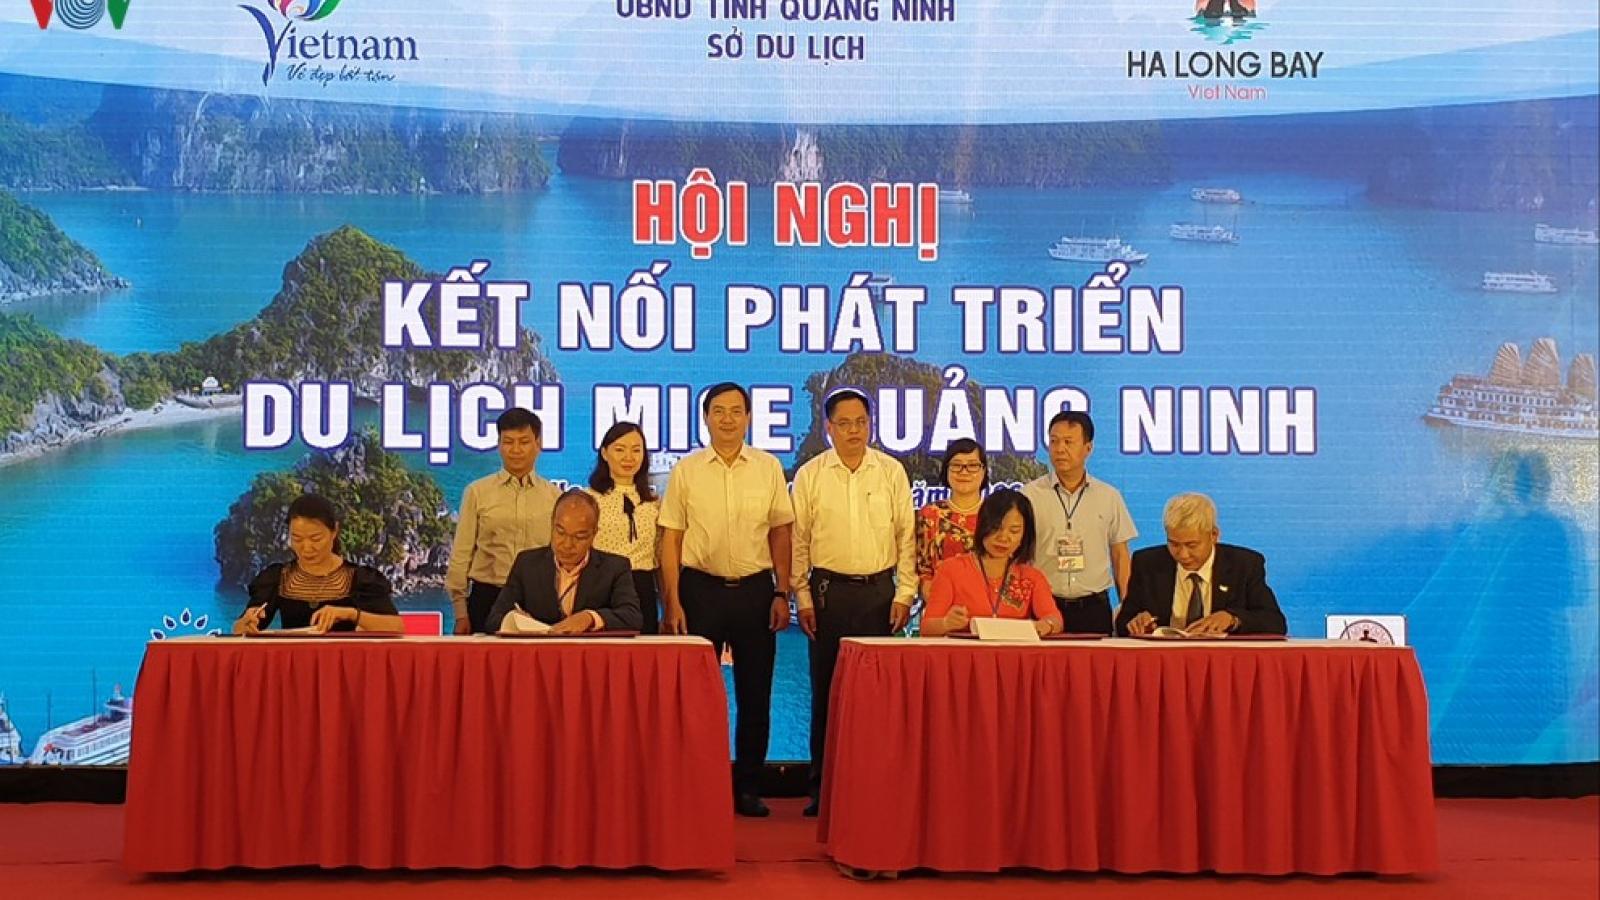 Kết nối phát triển du lịch MICE Quảng Ninh